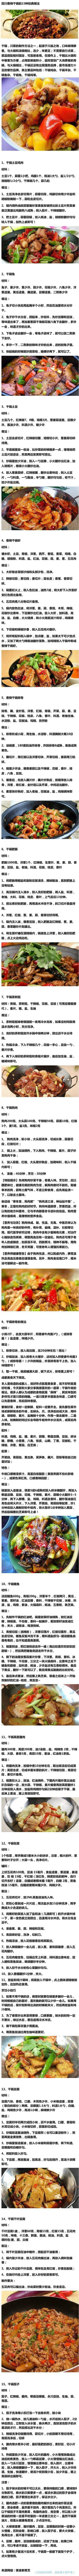 吃貨帖:四川香辣干鍋的15種經典做法!必須來一發!   Giga Circle